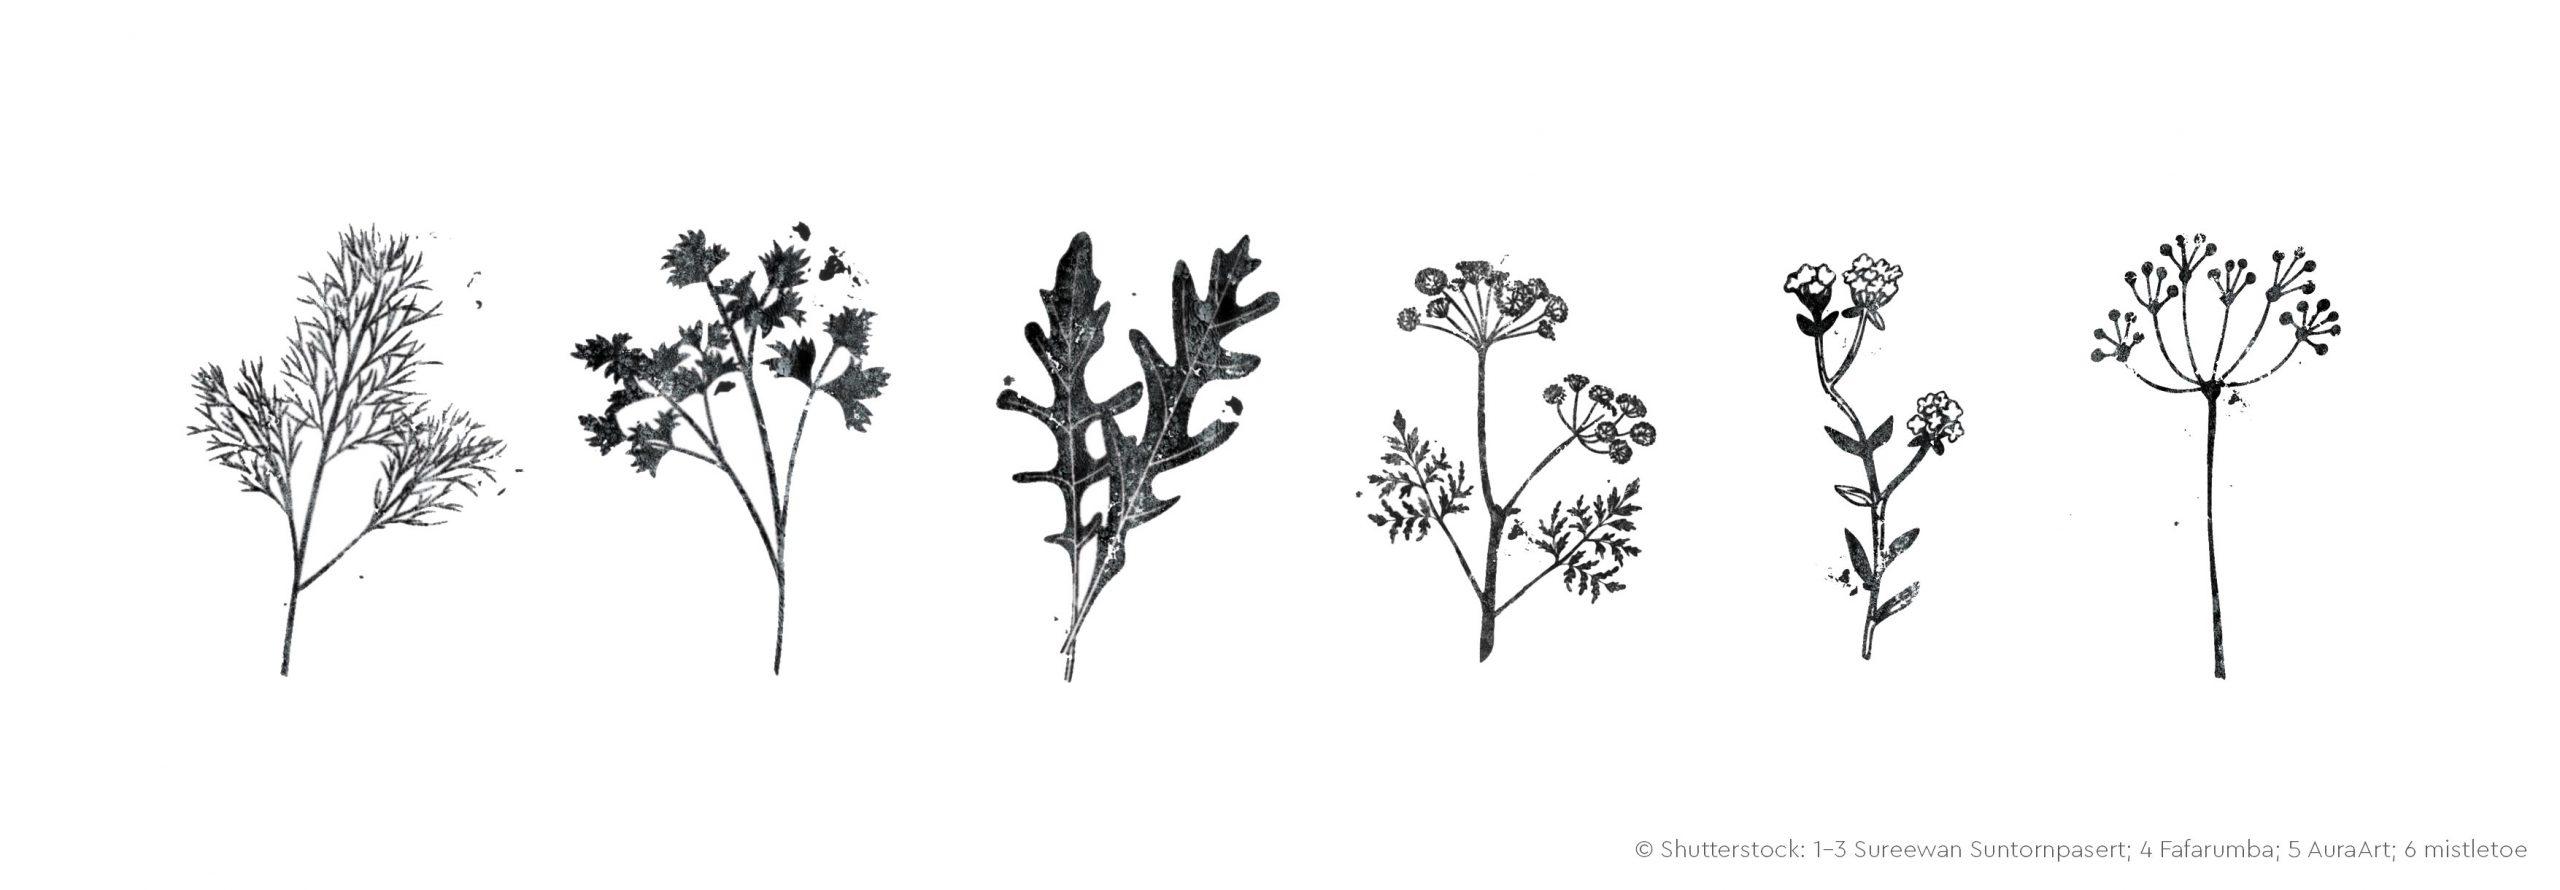 Illustrationen von Pflanzen